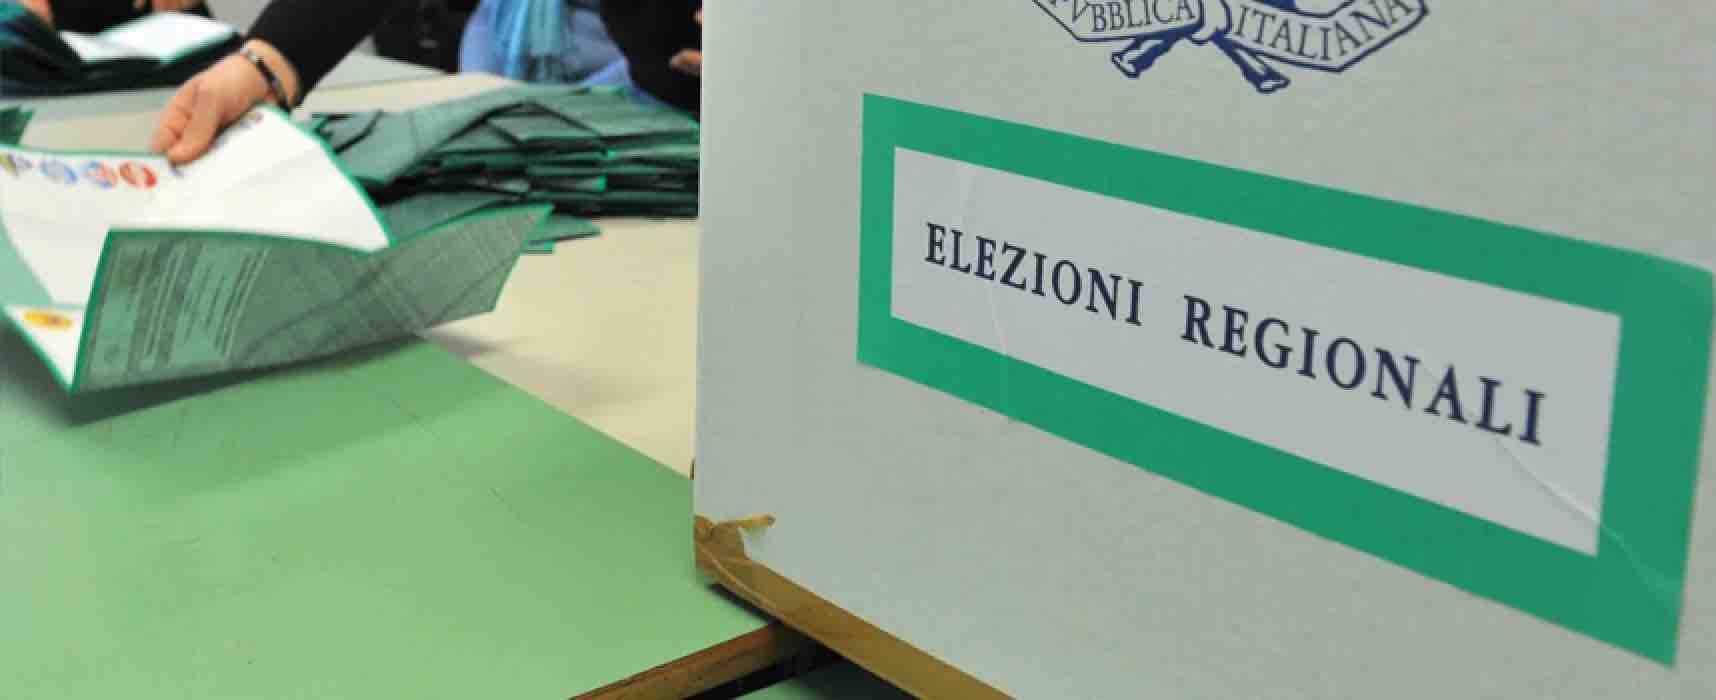 Elezioni Regionali Abruzzo 2019 Affluenza Lieve Calo Rispetto Al 2014